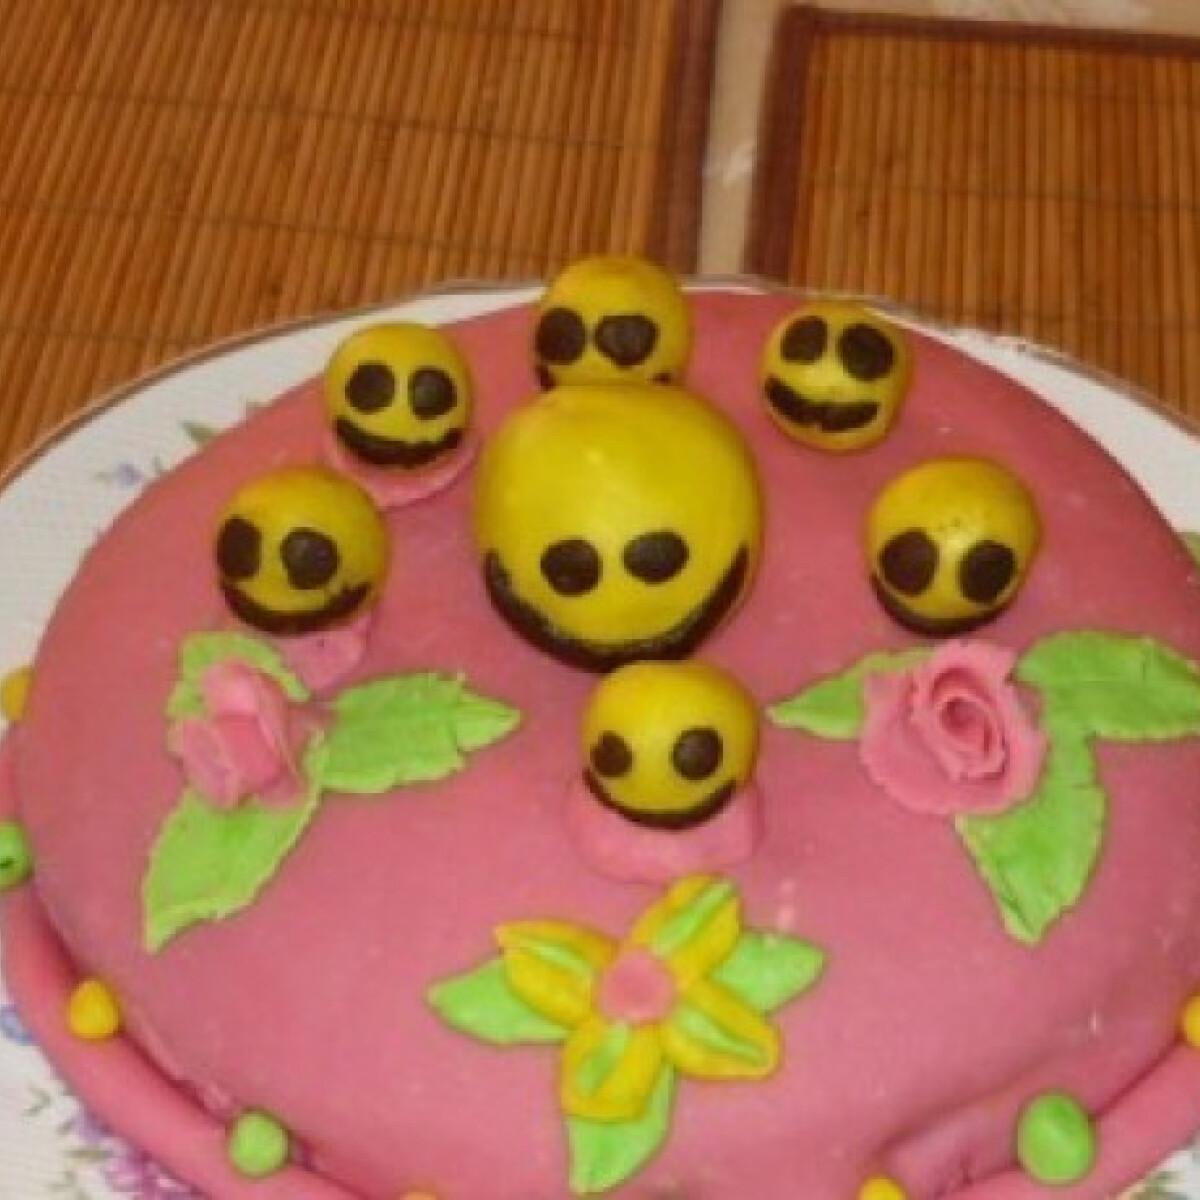 Ezen a képen: Smiley torta